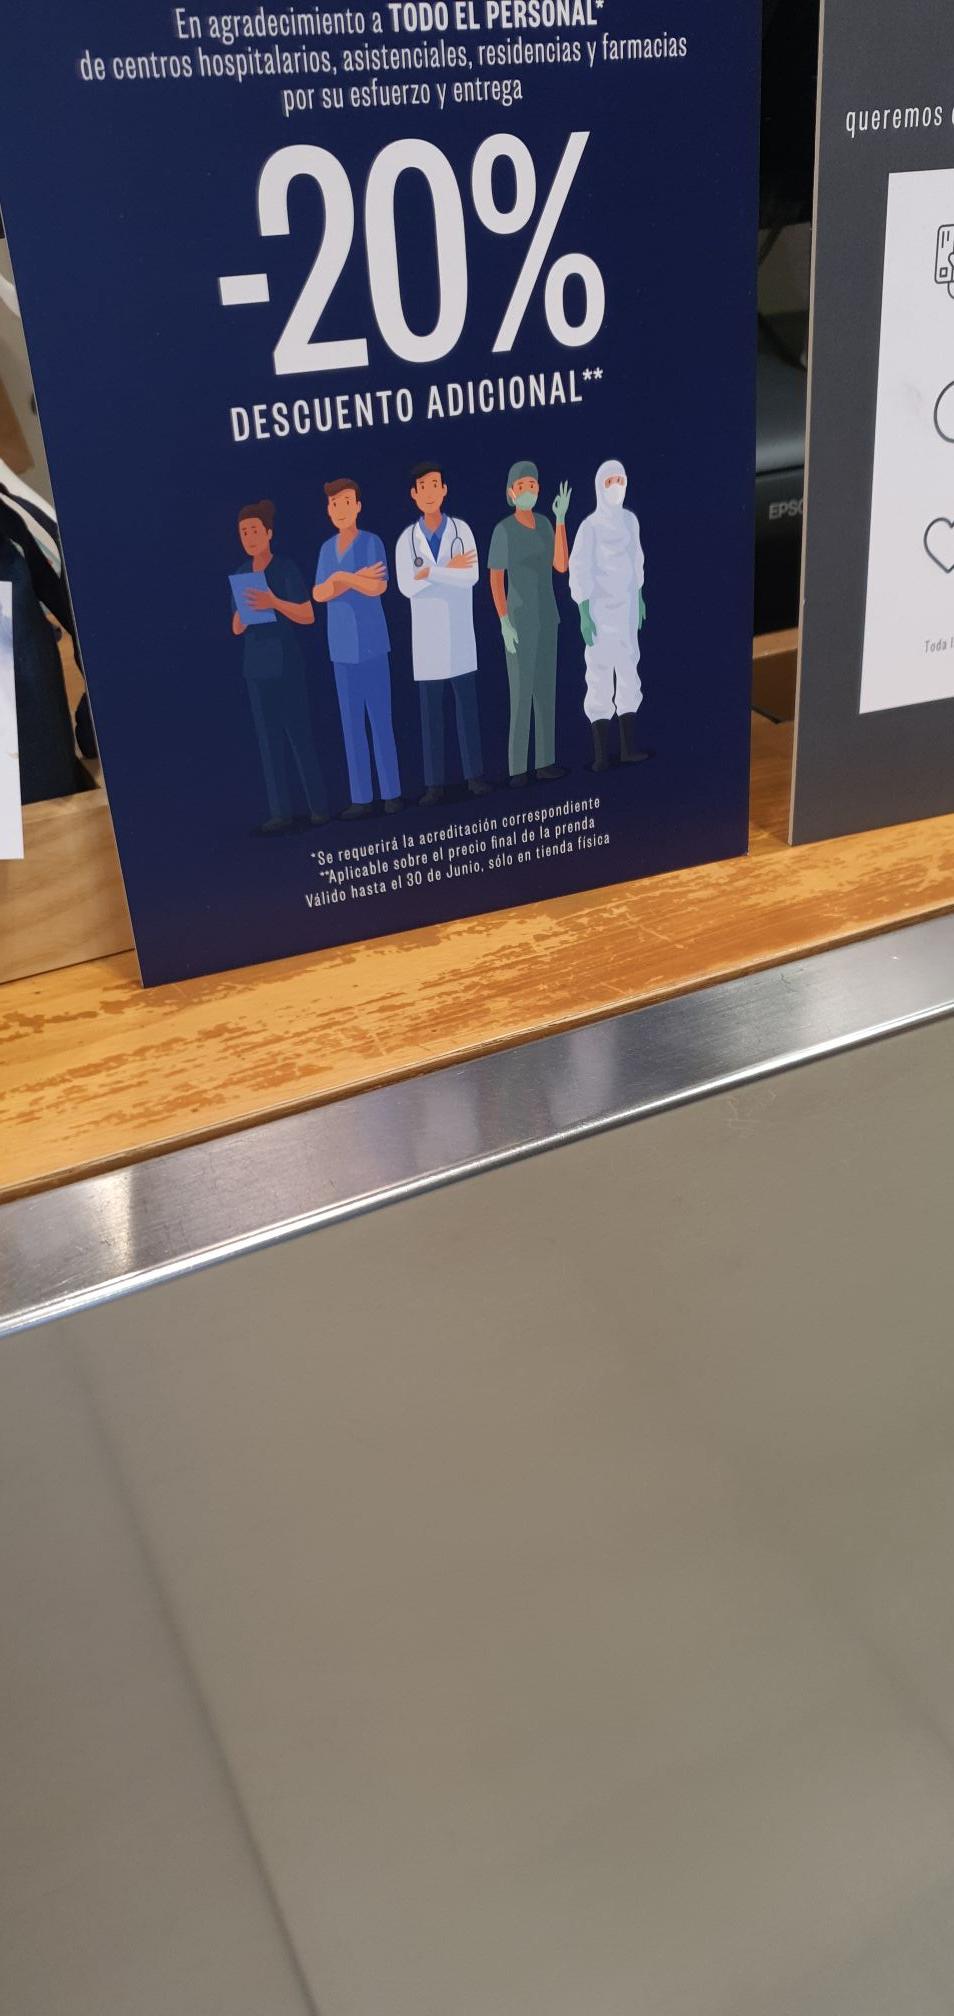 Descuento 20% para Sanitarios en Springfield